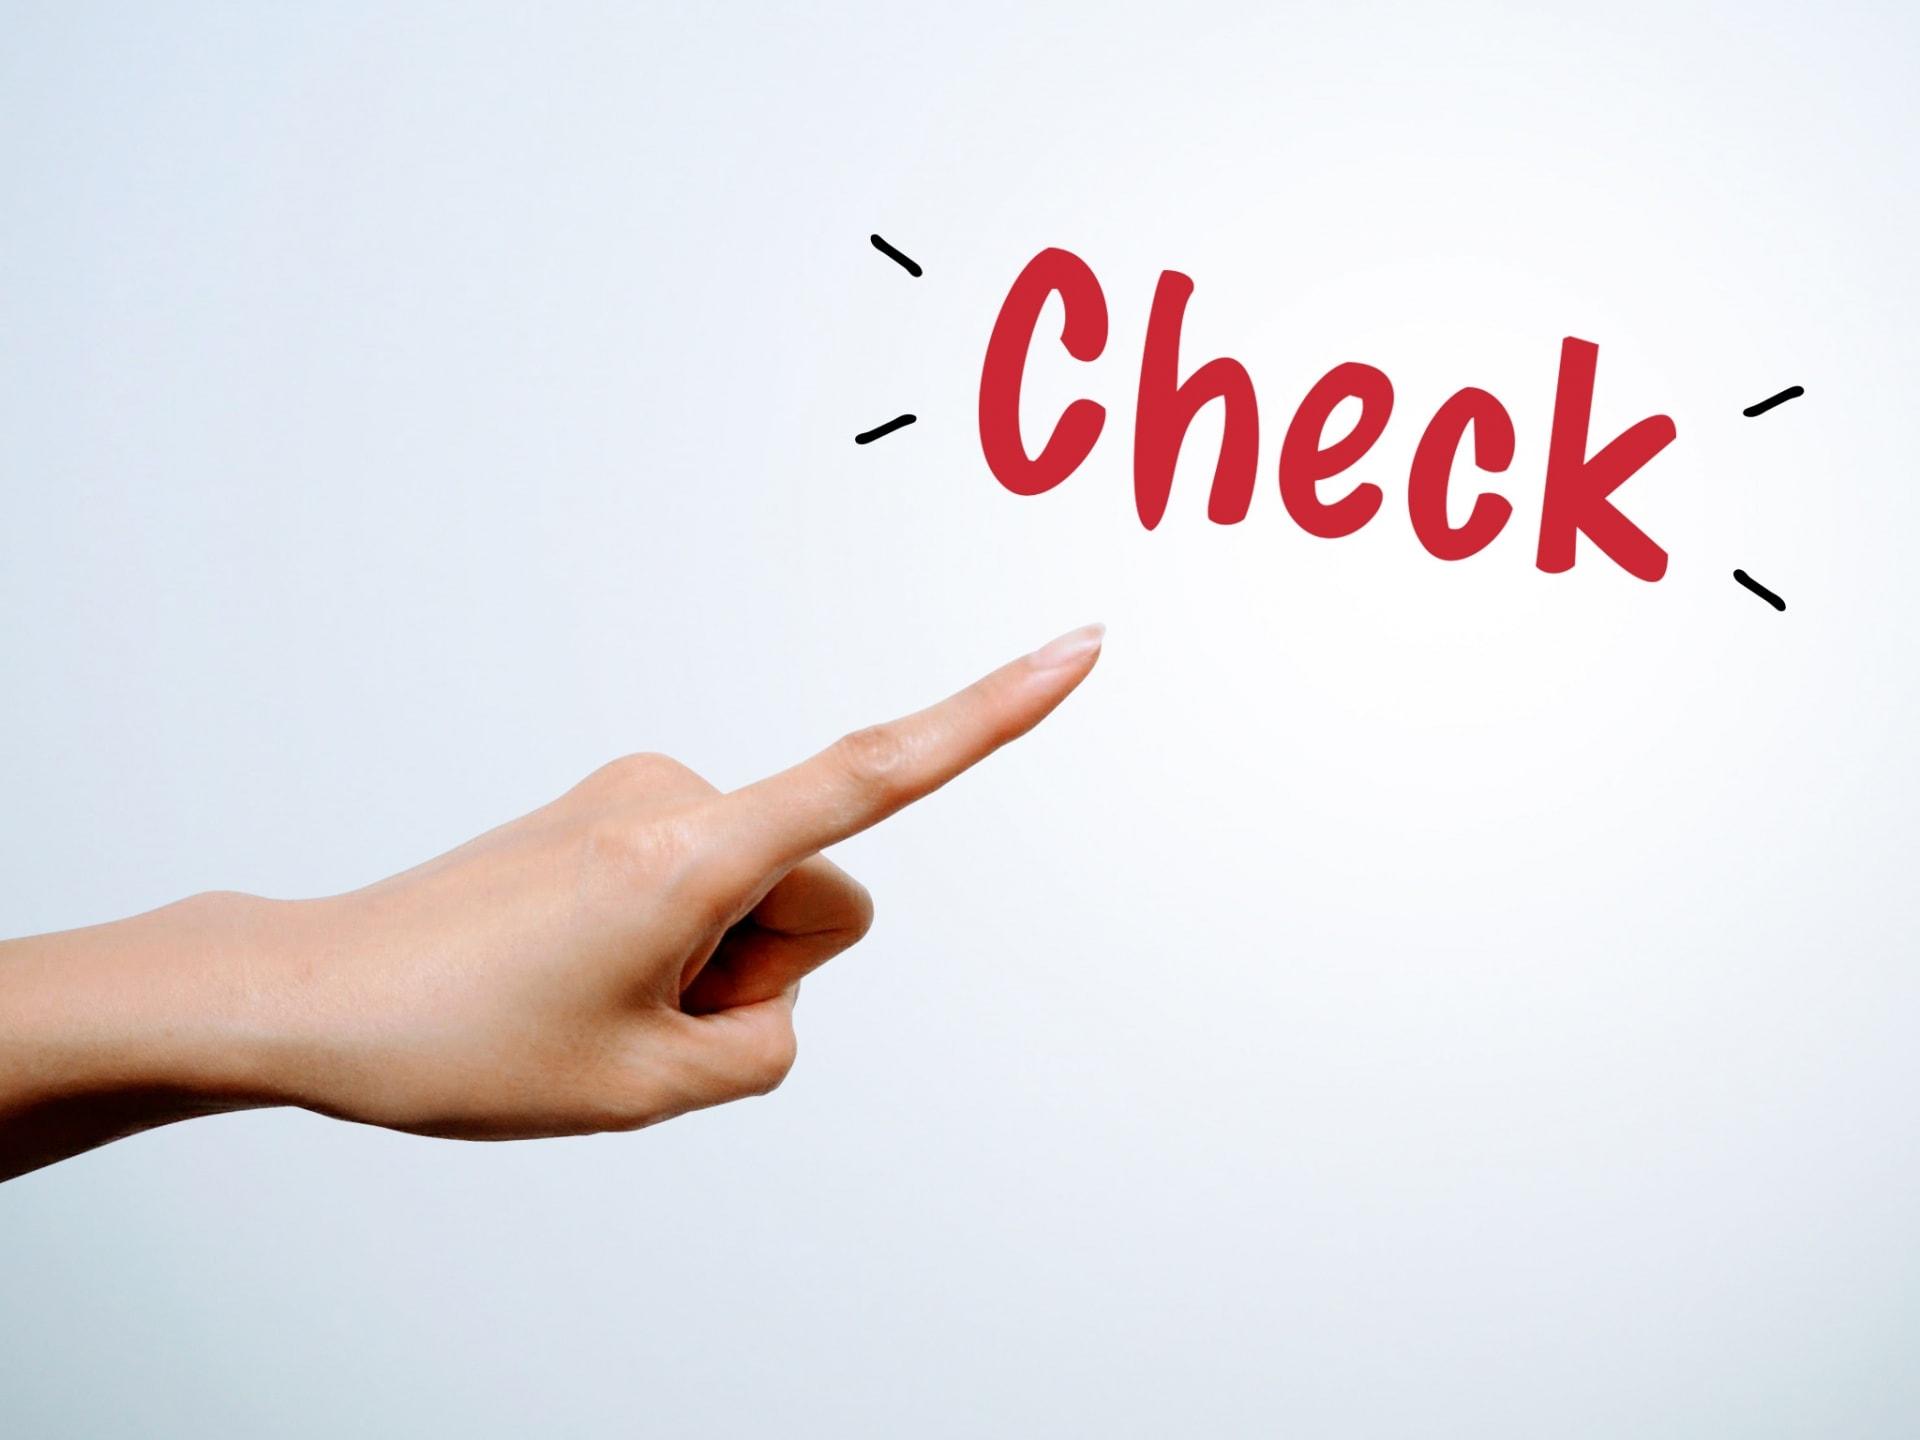 マンション管理会社との委託契約更新、管理組合は何をチェックすべき?